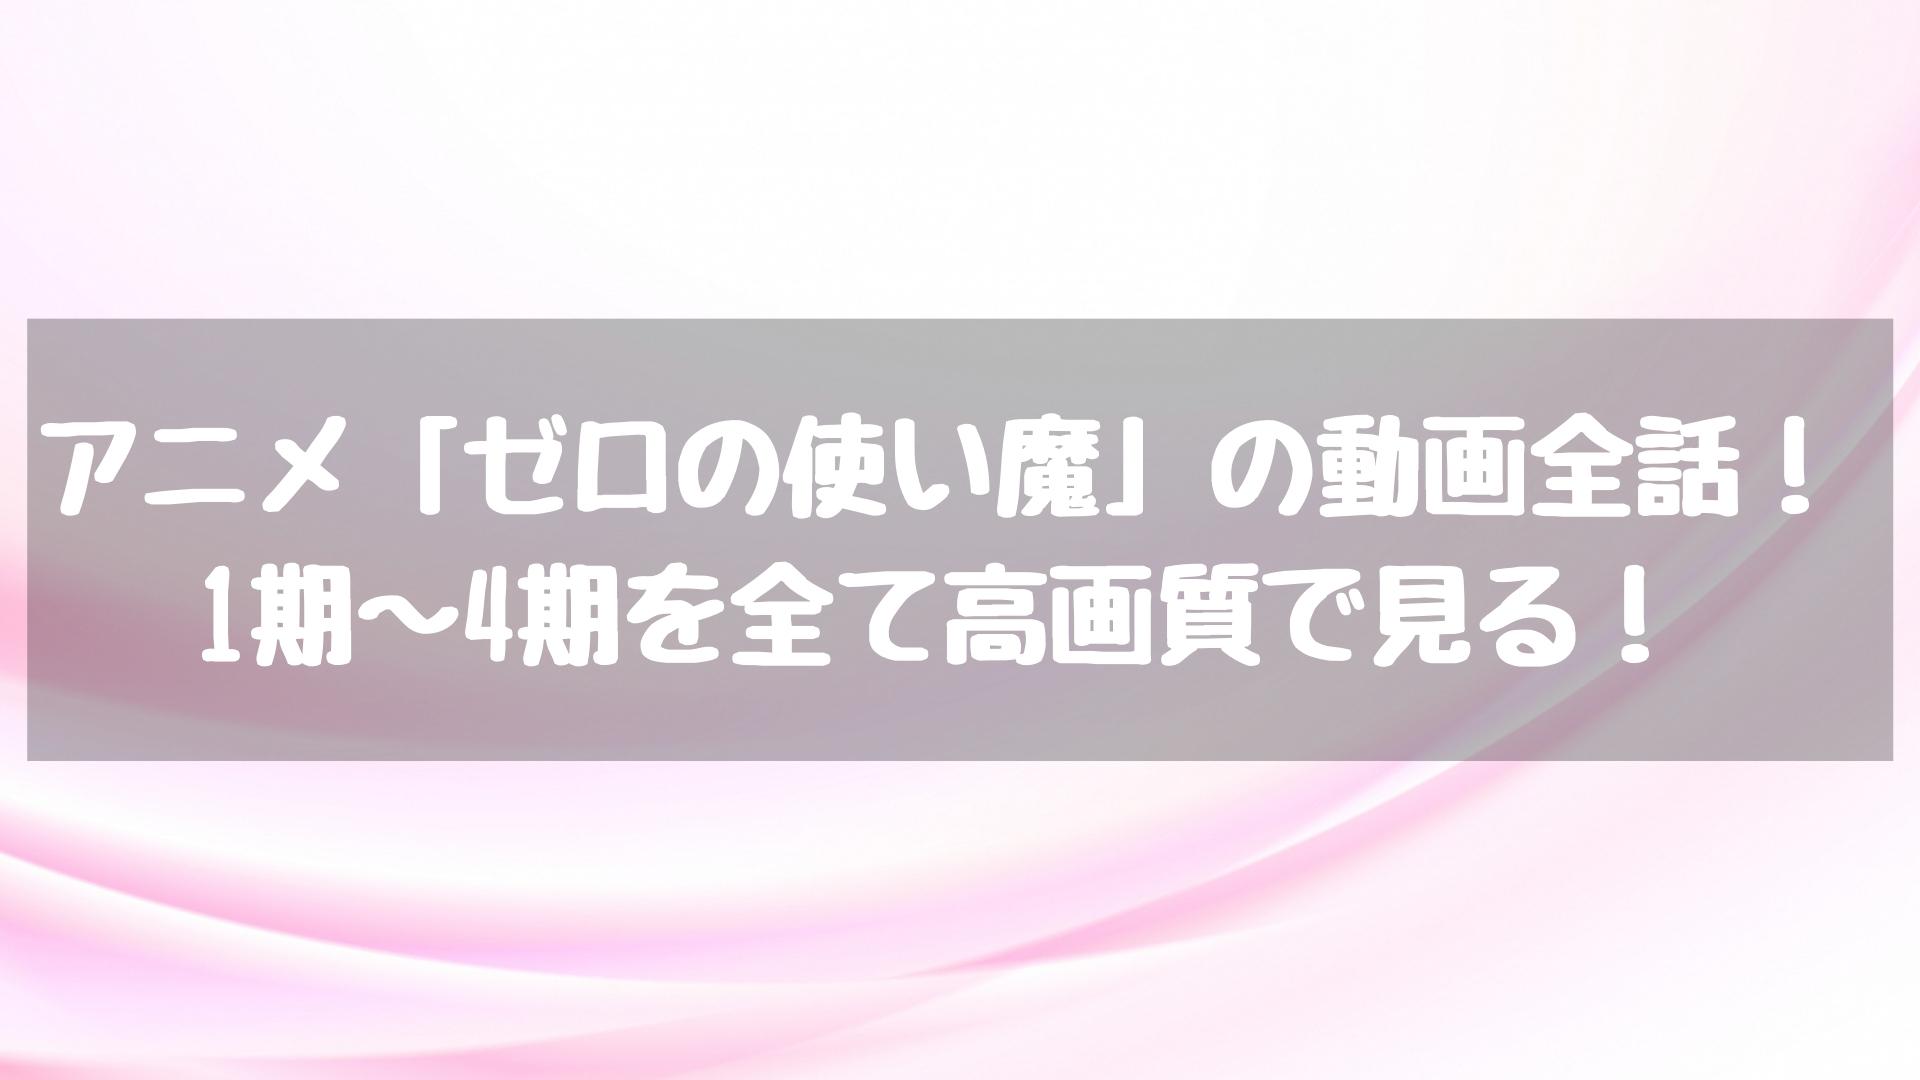 アニメ「ゼロの使い魔」の動画全話!1期・2期・3期・4期を全て高画質で見る!【無料アリ】